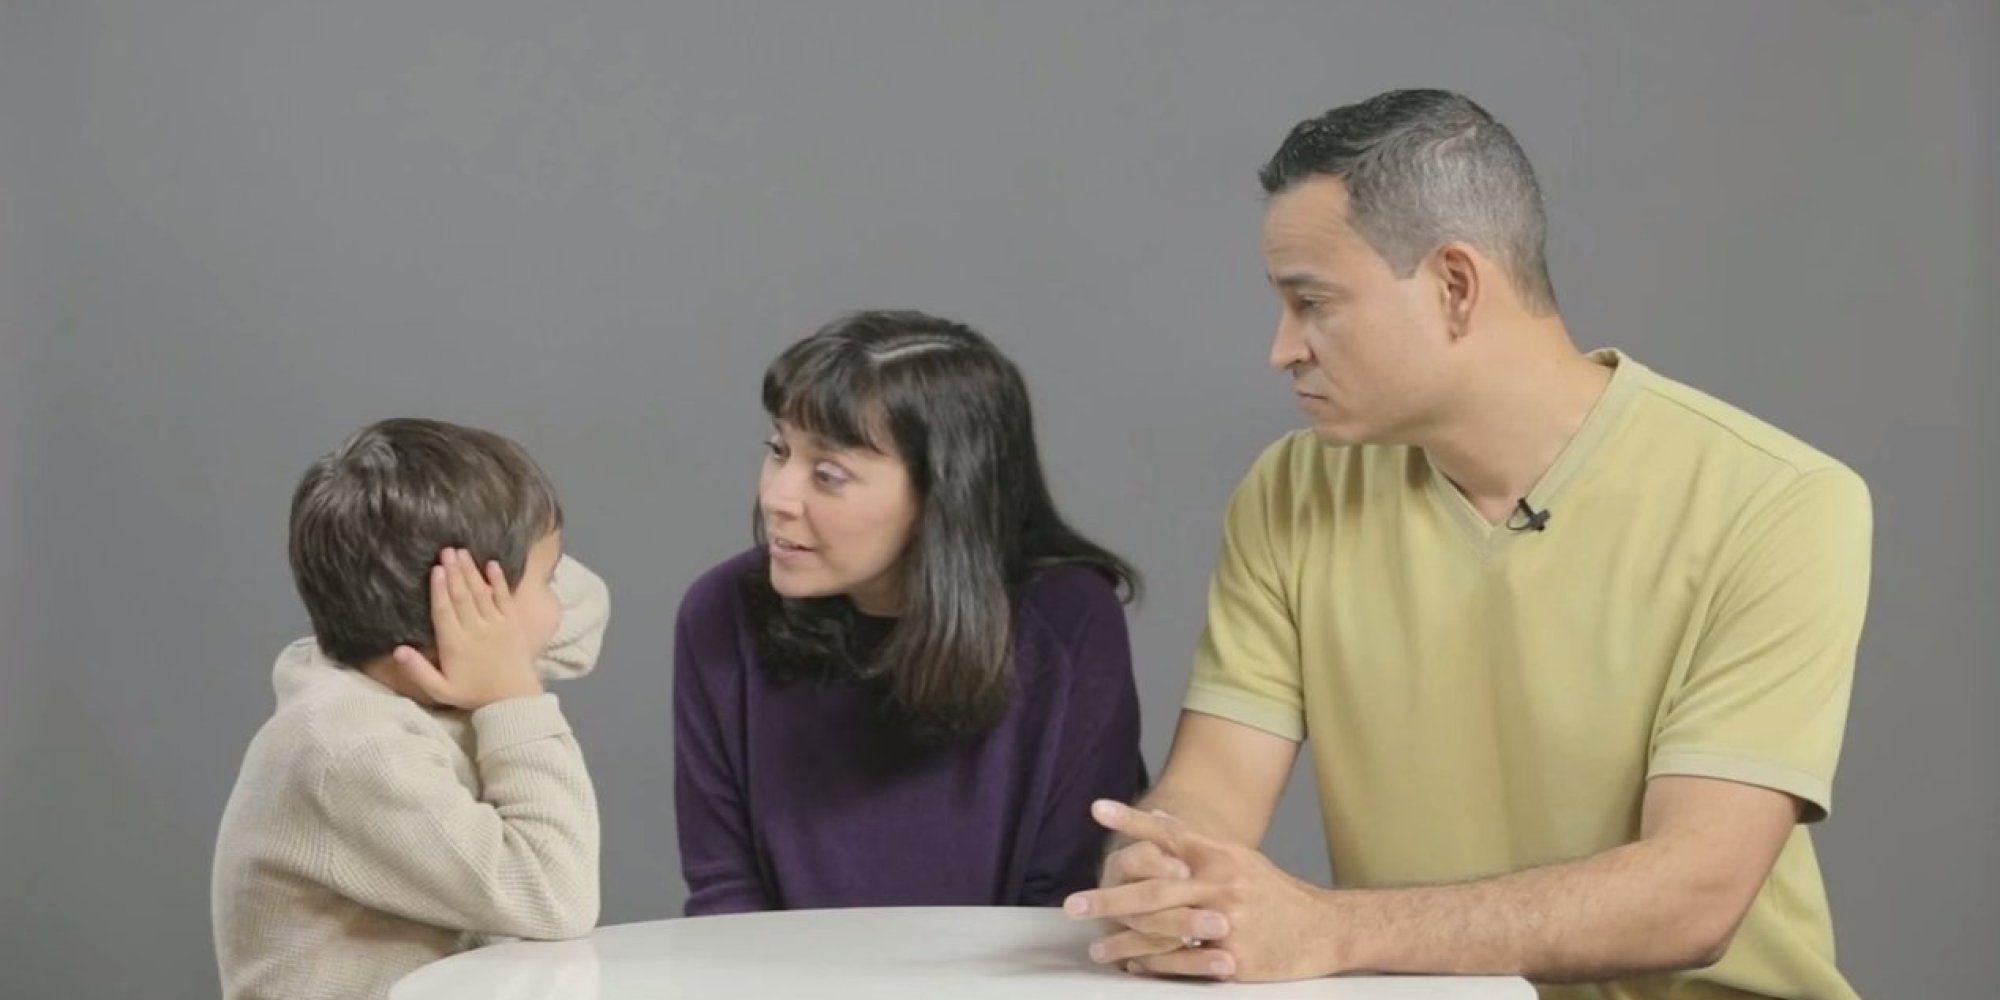 Çocuklara Cinsellikten Nasıl Bahsedilmeli? Farklı Yaşlar İçin Kılavuz...